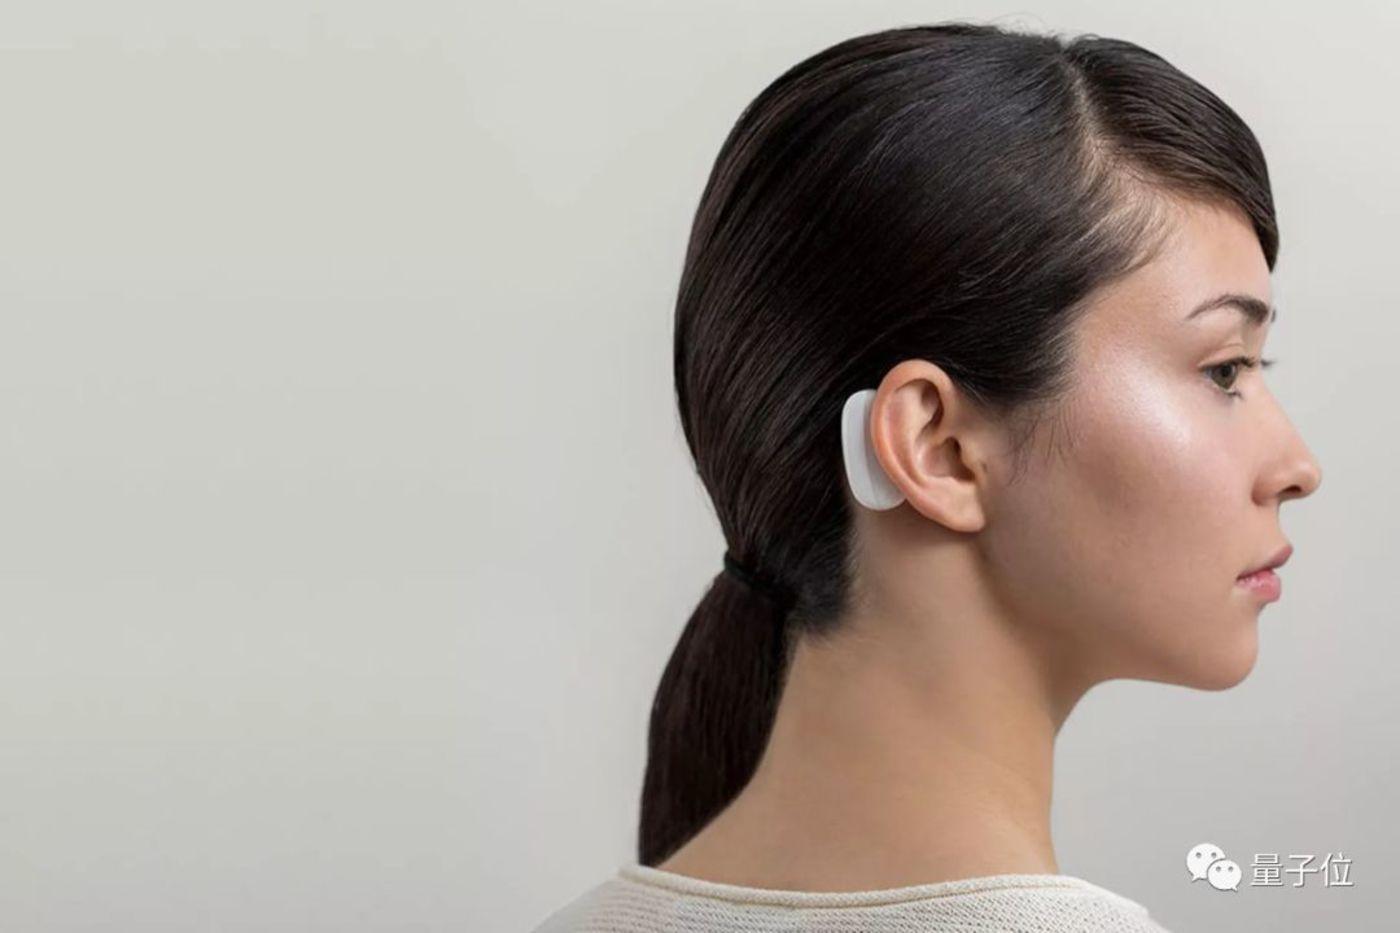 马斯克发布脑机接口系统:芯片直连大脑,激光开颅放置